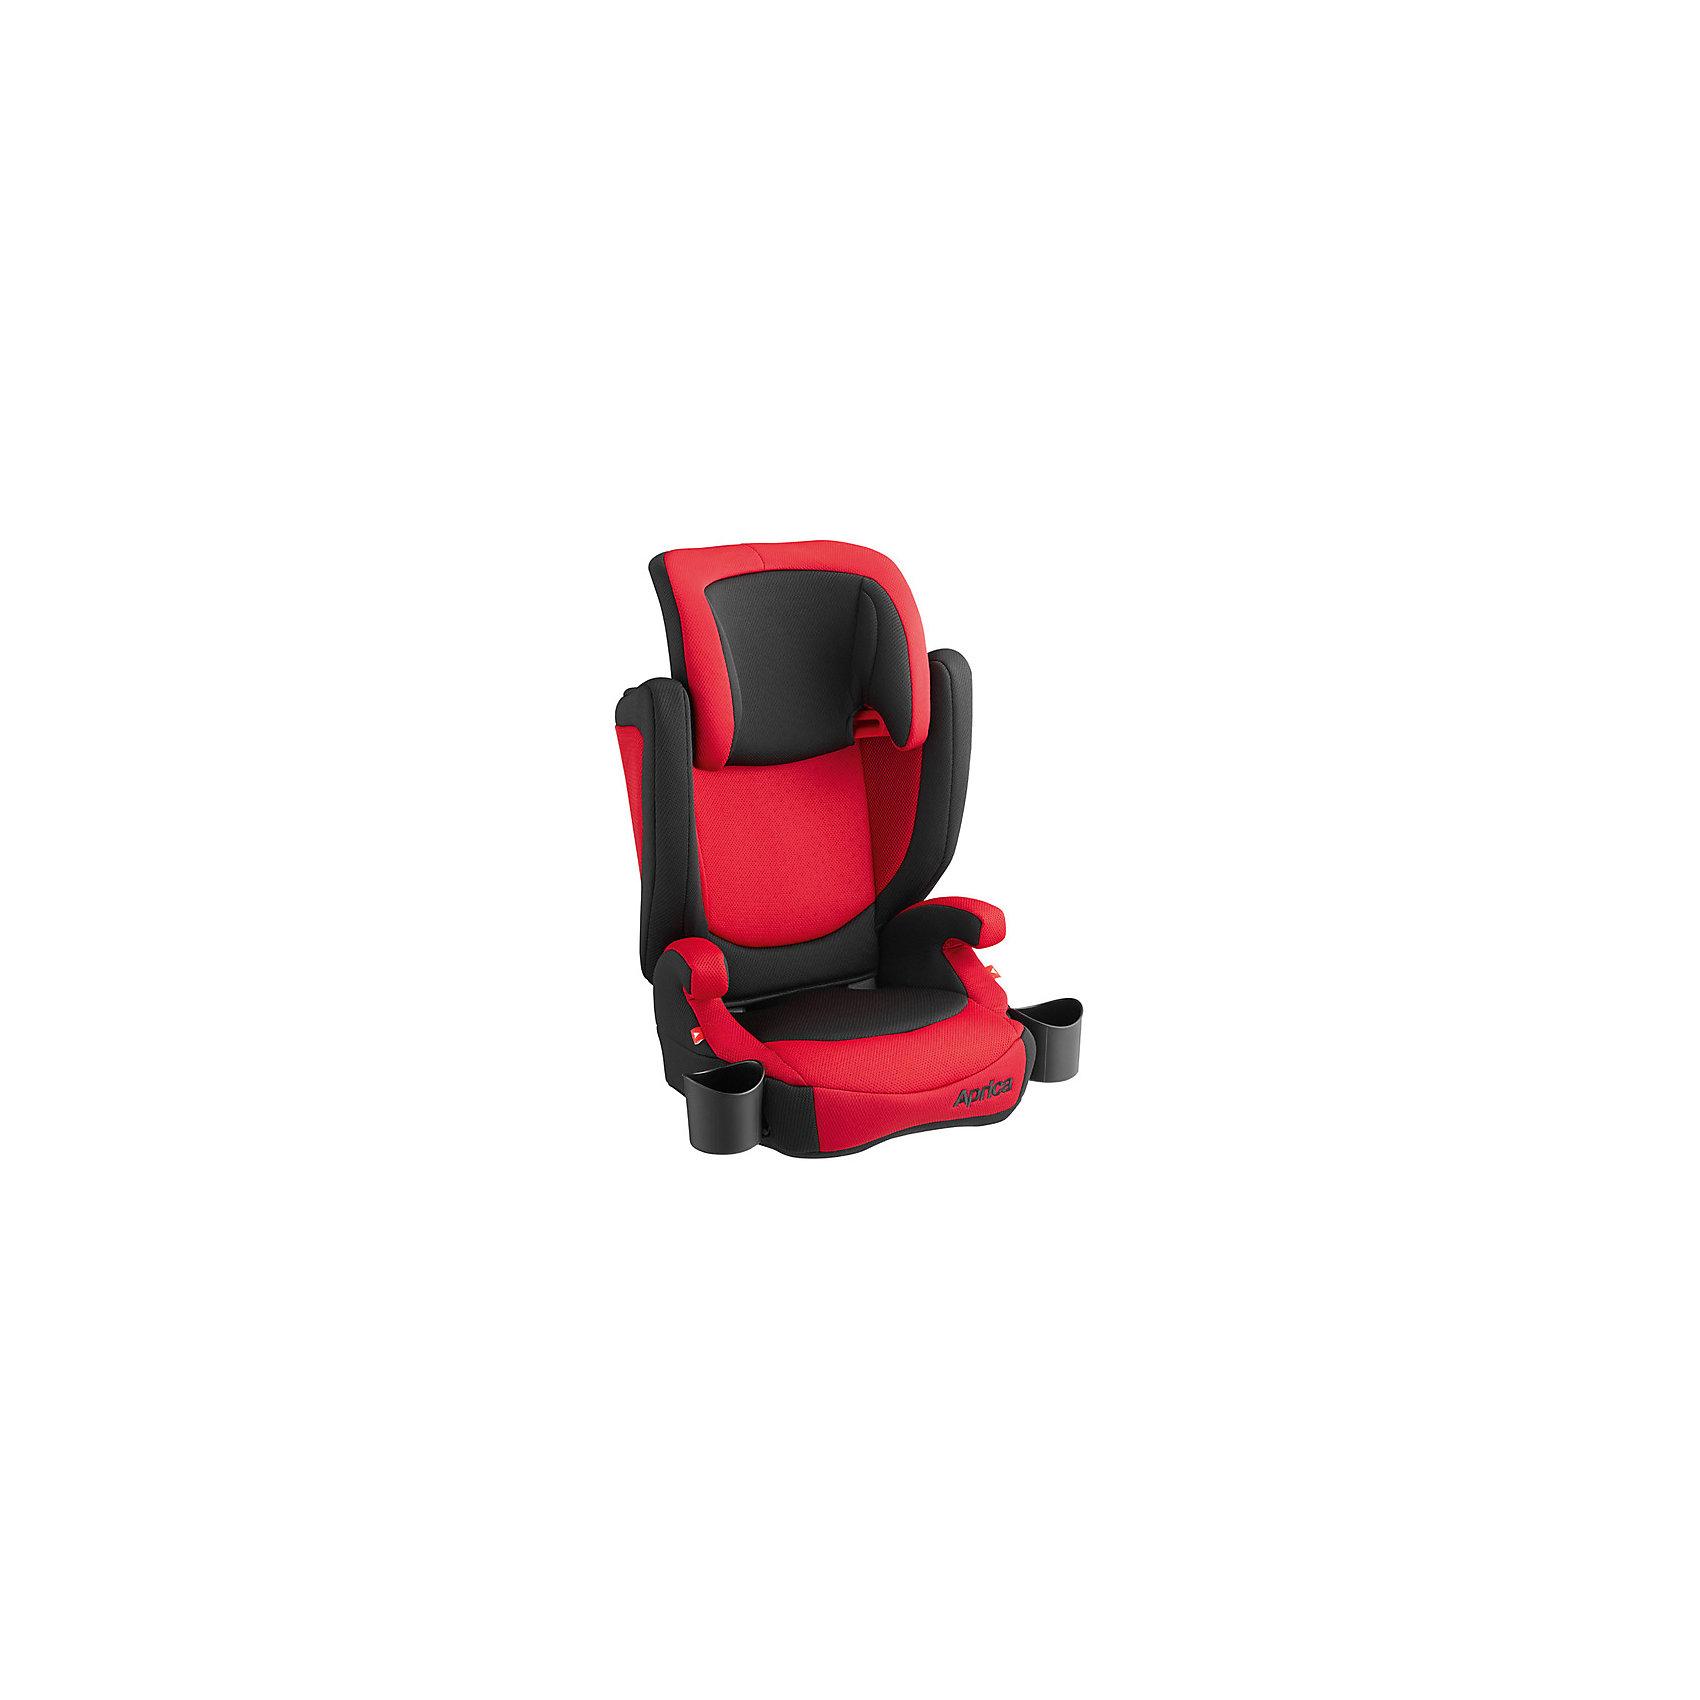 Автокресло Aprica AirRide Ride Red, 15-36 кг, красныйГруппа 2-3 (От 15 до 36 кг)<br>Характеристики автокресла Aprica AirRide: <br><br>• группа автокресла: 2-3;<br>• вес ребенка: 15-36 кг;<br>• возраст ребенка: от 3 до 12 лет;<br>• способ установки: по ходу движения автомобиля;<br>• способ крепления: штатными ремнями безопасности автомобиля;<br>• высота подголовника регулируется;<br>• функция бустера – сиденье с подлокотниками, без спинки;<br>• подстаканники расположены по обе стороны автокресла;<br>• дышащие чехлы можно снять и постирать при температуре 30 градусов;<br>• материал: ударопрочный пластик, полиэстер.<br><br>Размер автокресла: 44х41х67/75 см;<br>Вес автокресла: 4,5 кг;<br>Вес бустера: 1,7 кг.<br><br>Автокресло AirRide Ride Red, 15-36 кг., Aprica, цвет красный можно купить в нашем интернет-магазине.<br><br>Ширина мм: 760<br>Глубина мм: 430<br>Высота мм: 260<br>Вес г: 6400<br>Возраст от месяцев: 9<br>Возраст до месяцев: 132<br>Пол: Унисекс<br>Возраст: Детский<br>SKU: 5451728